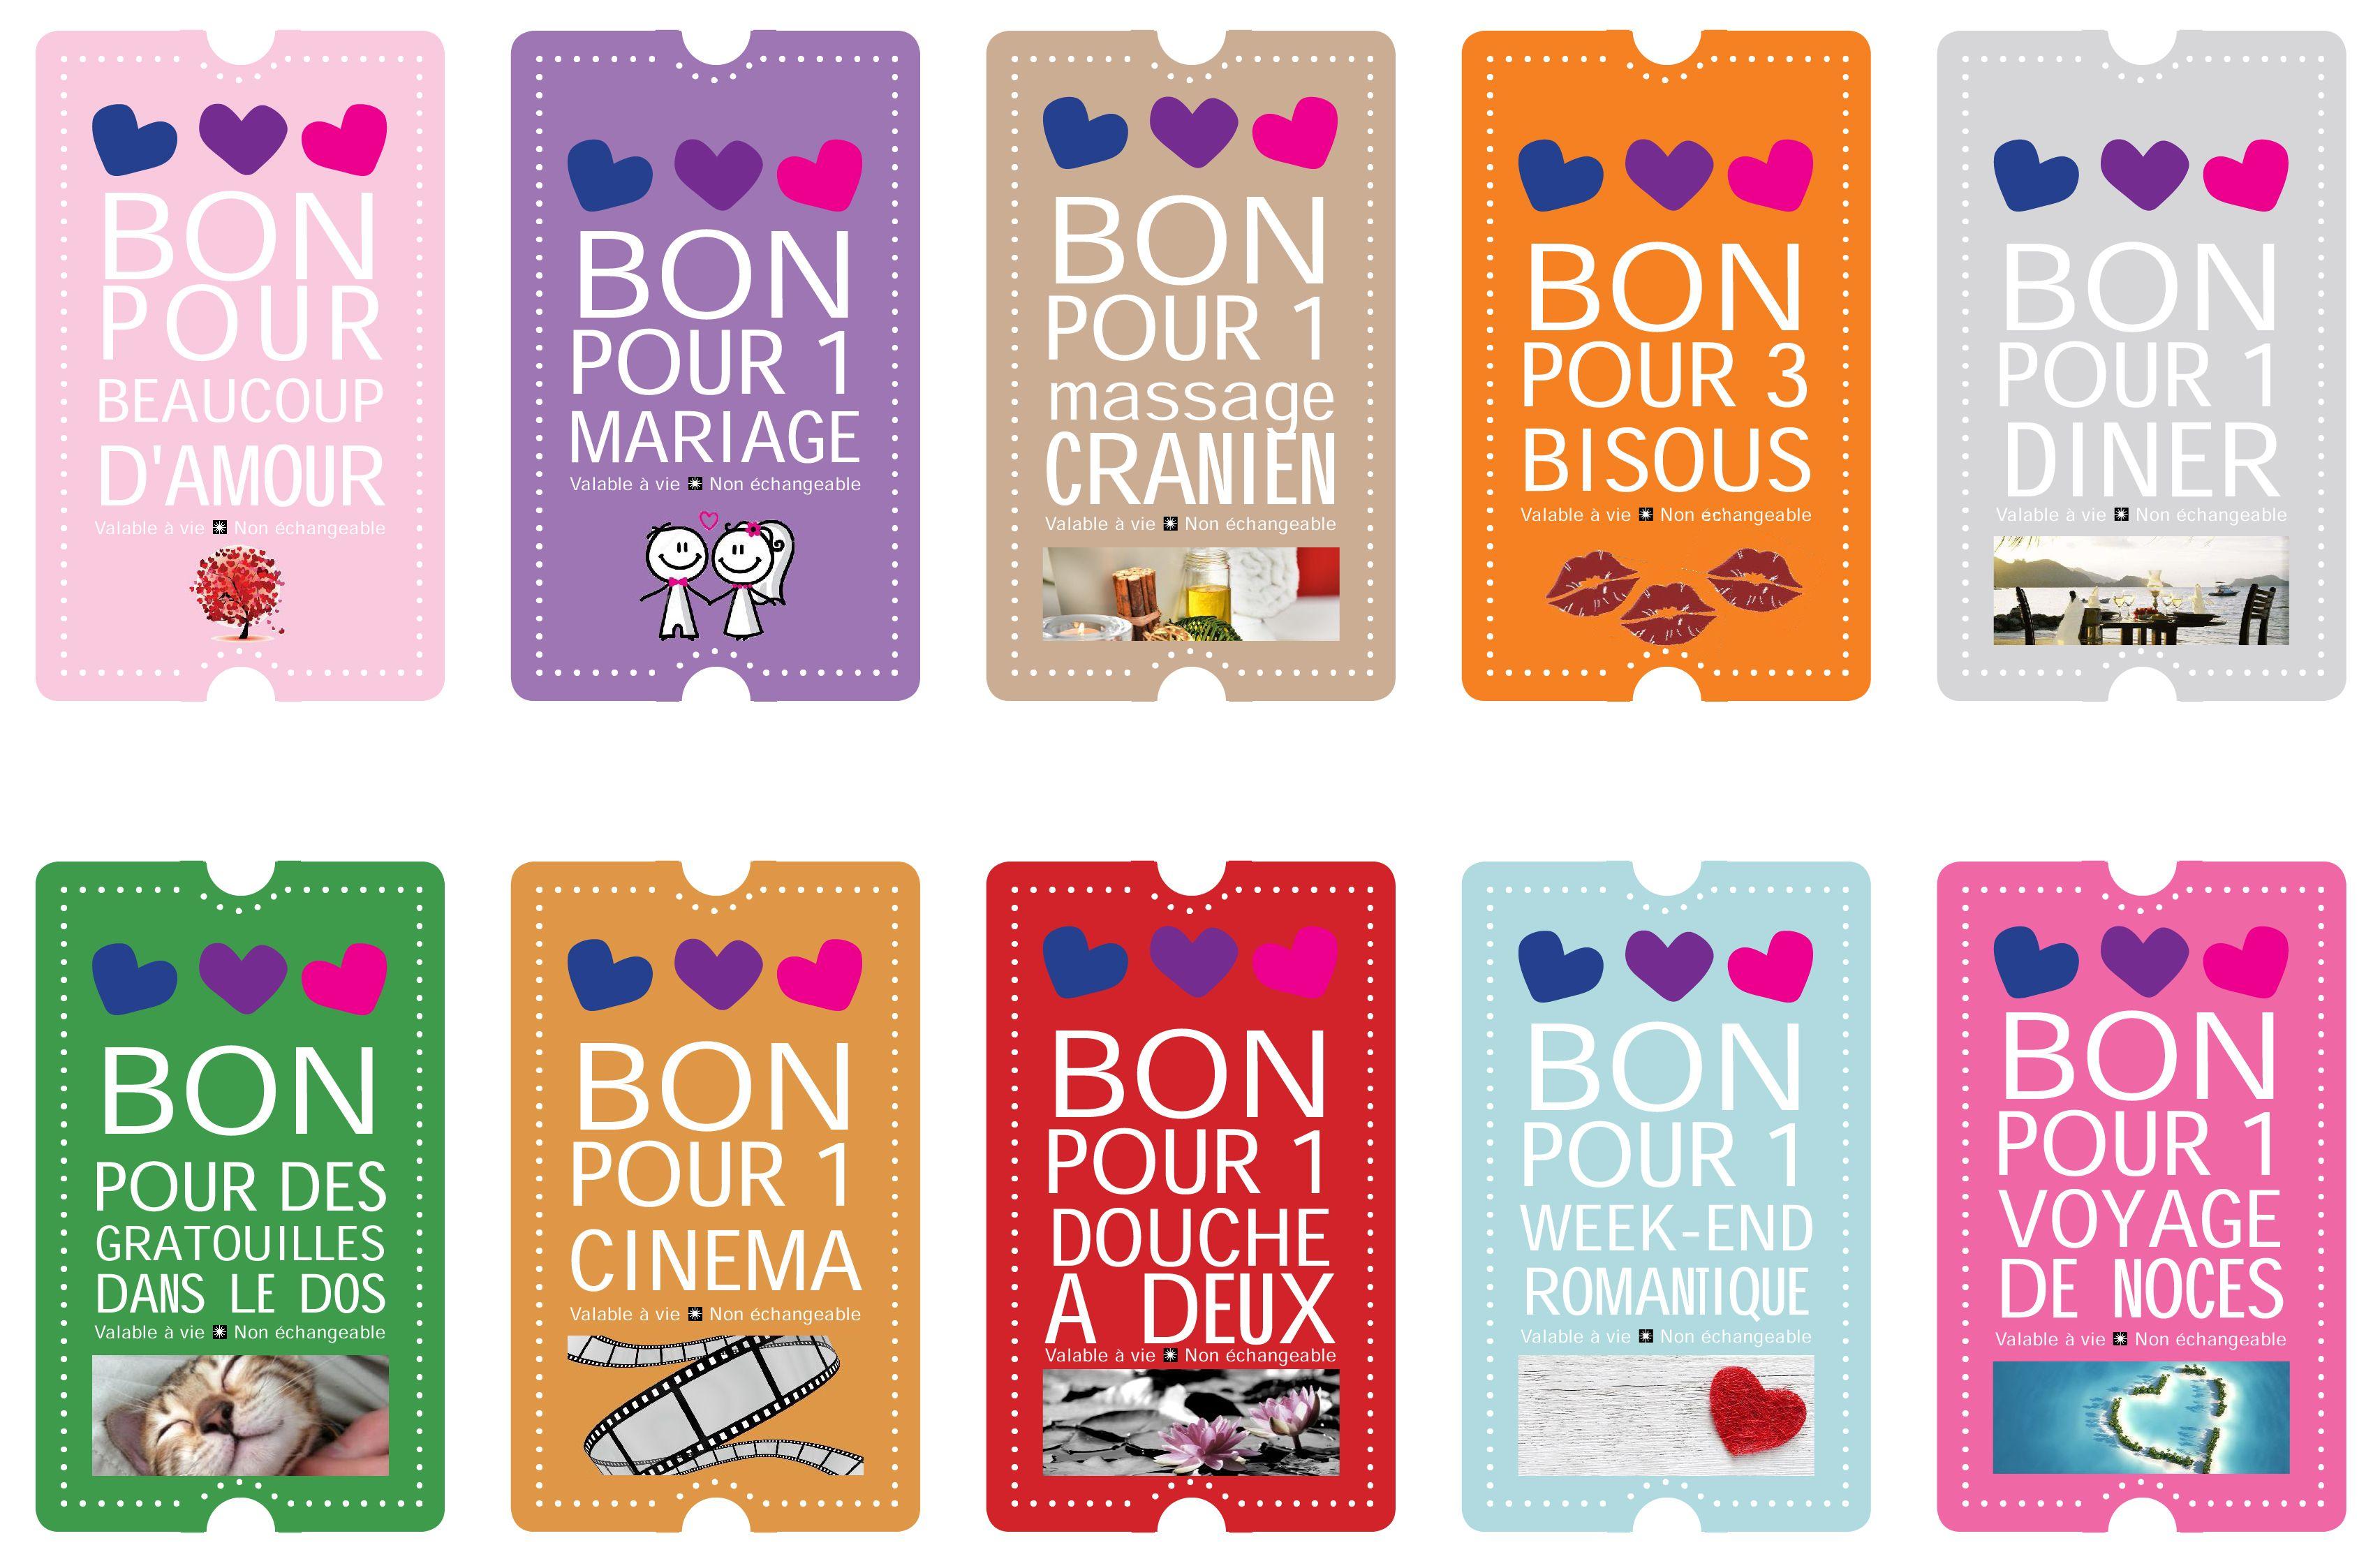 Idée Cadeau Calendrier De L Avent Adulte BON pour    Recherche Google | Idée cadeau st valentin